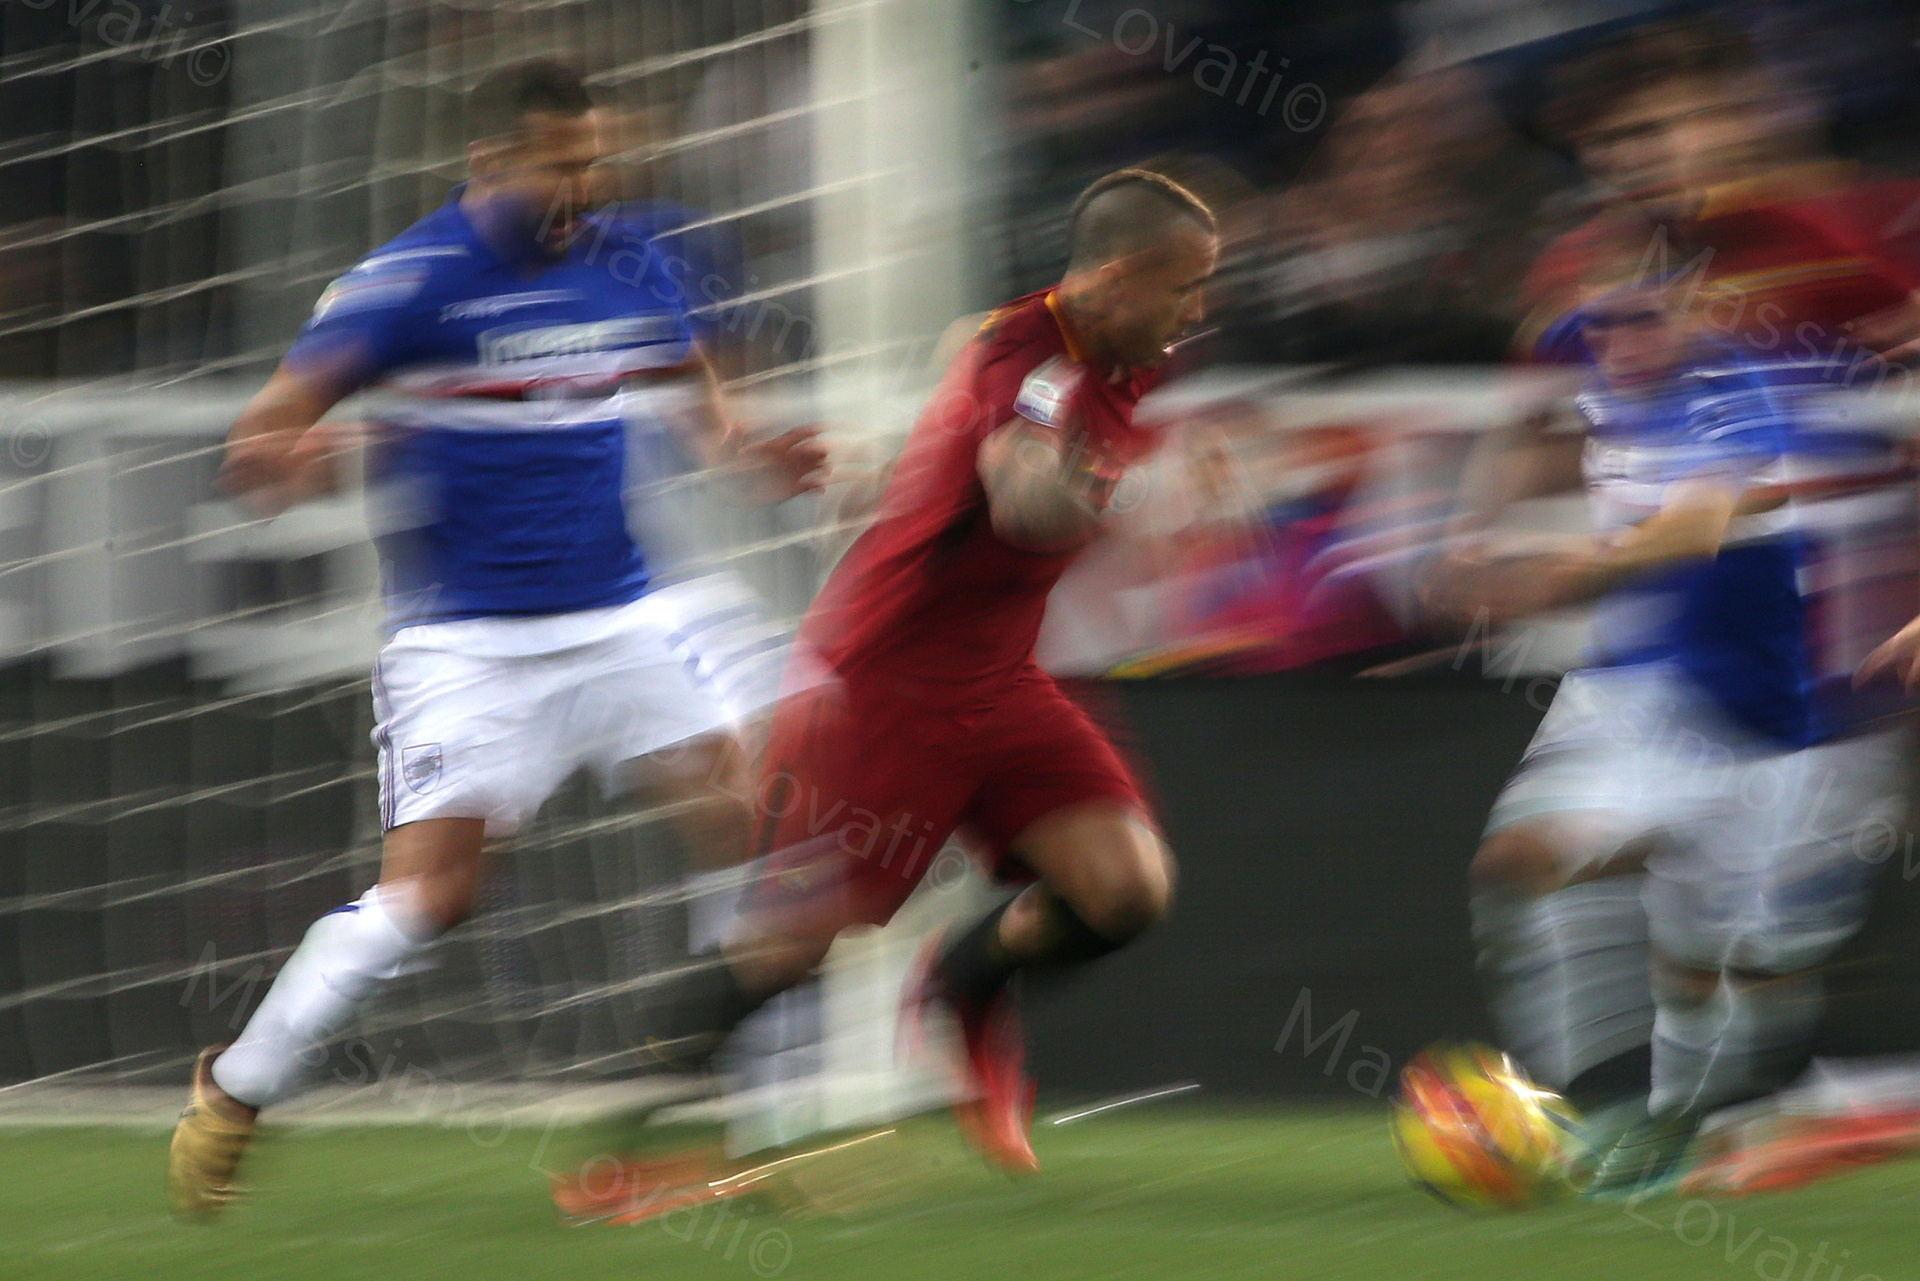 24/01/2018, Genova, Campionato di Calcio di Serie A, Sampdoria-Roma, nella foto Nainggolan